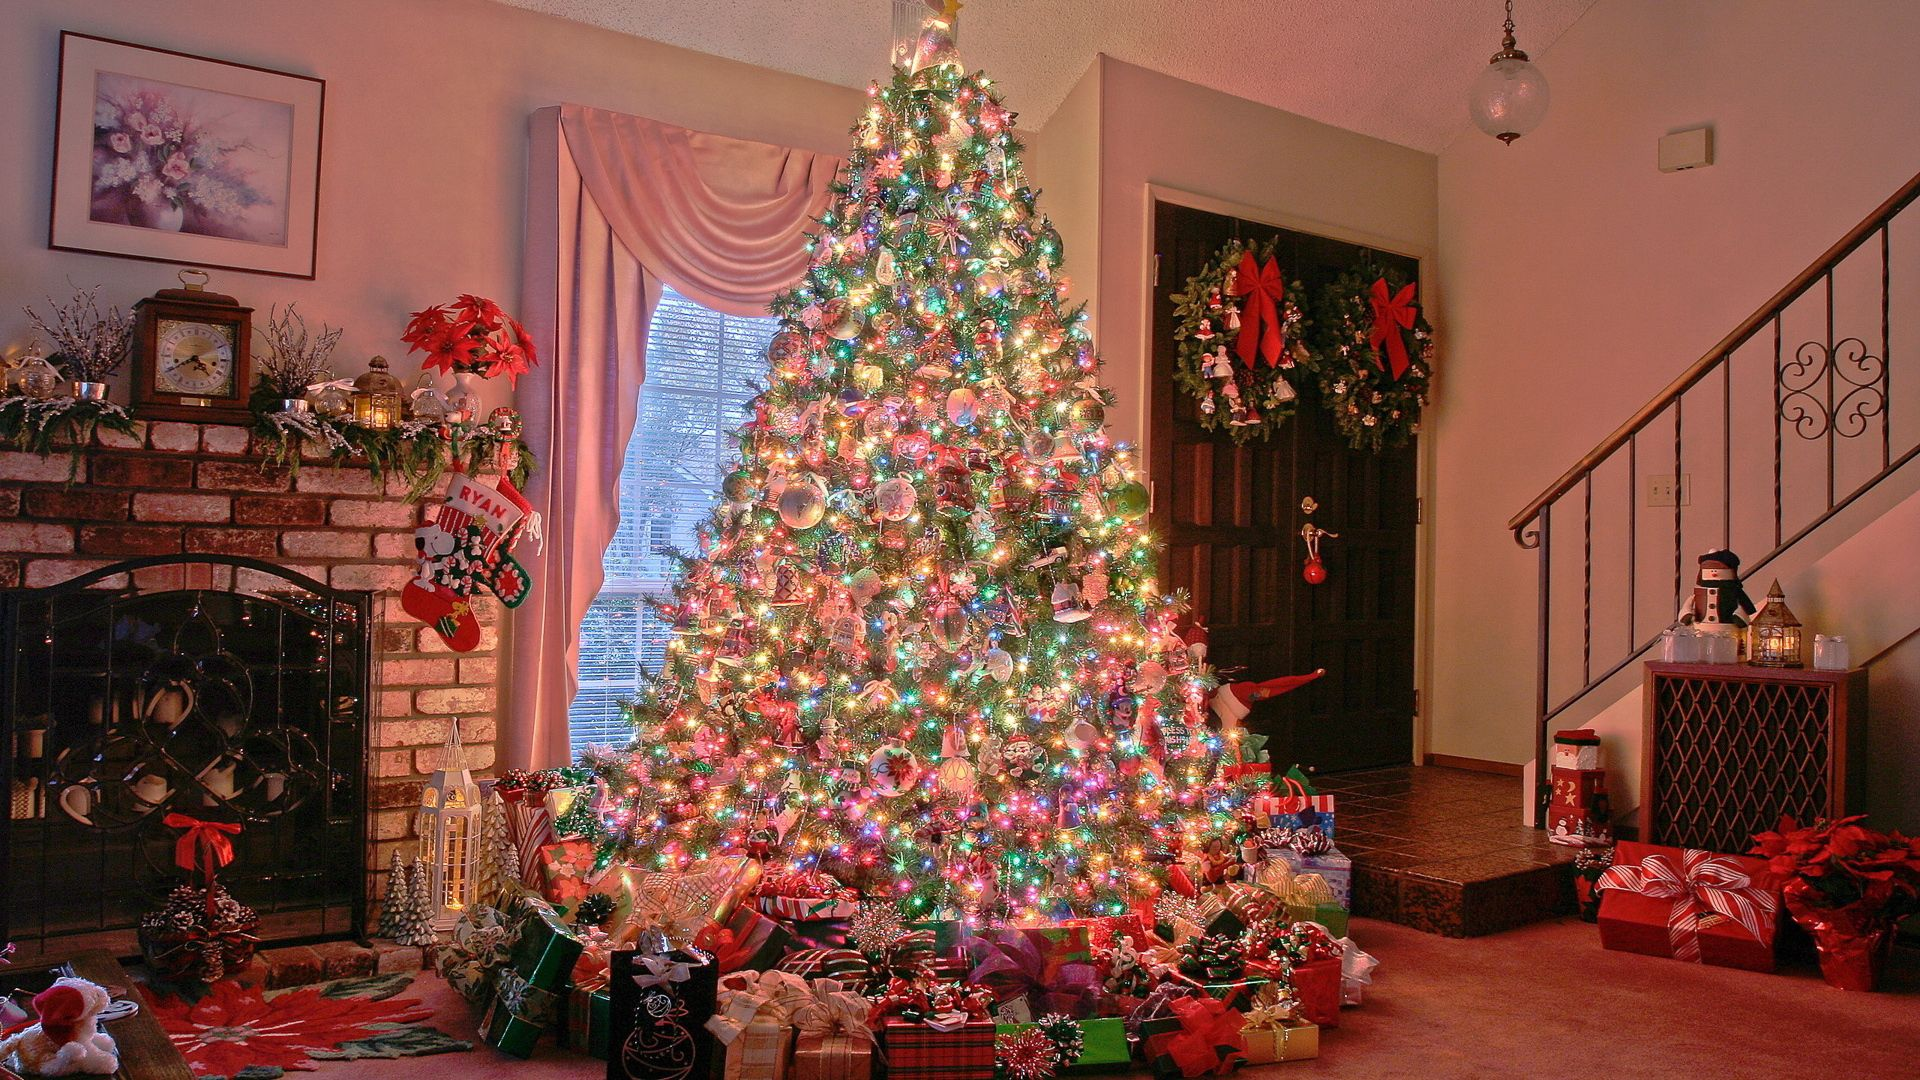 76473 Bildschirmschoner und Hintergrundbilder Feiertage auf Ihrem Telefon. Laden Sie Feiertage, Neujahr, Dekoration, Neues Jahr, Urlaub, Weihnachtsbaum Bilder kostenlos herunter